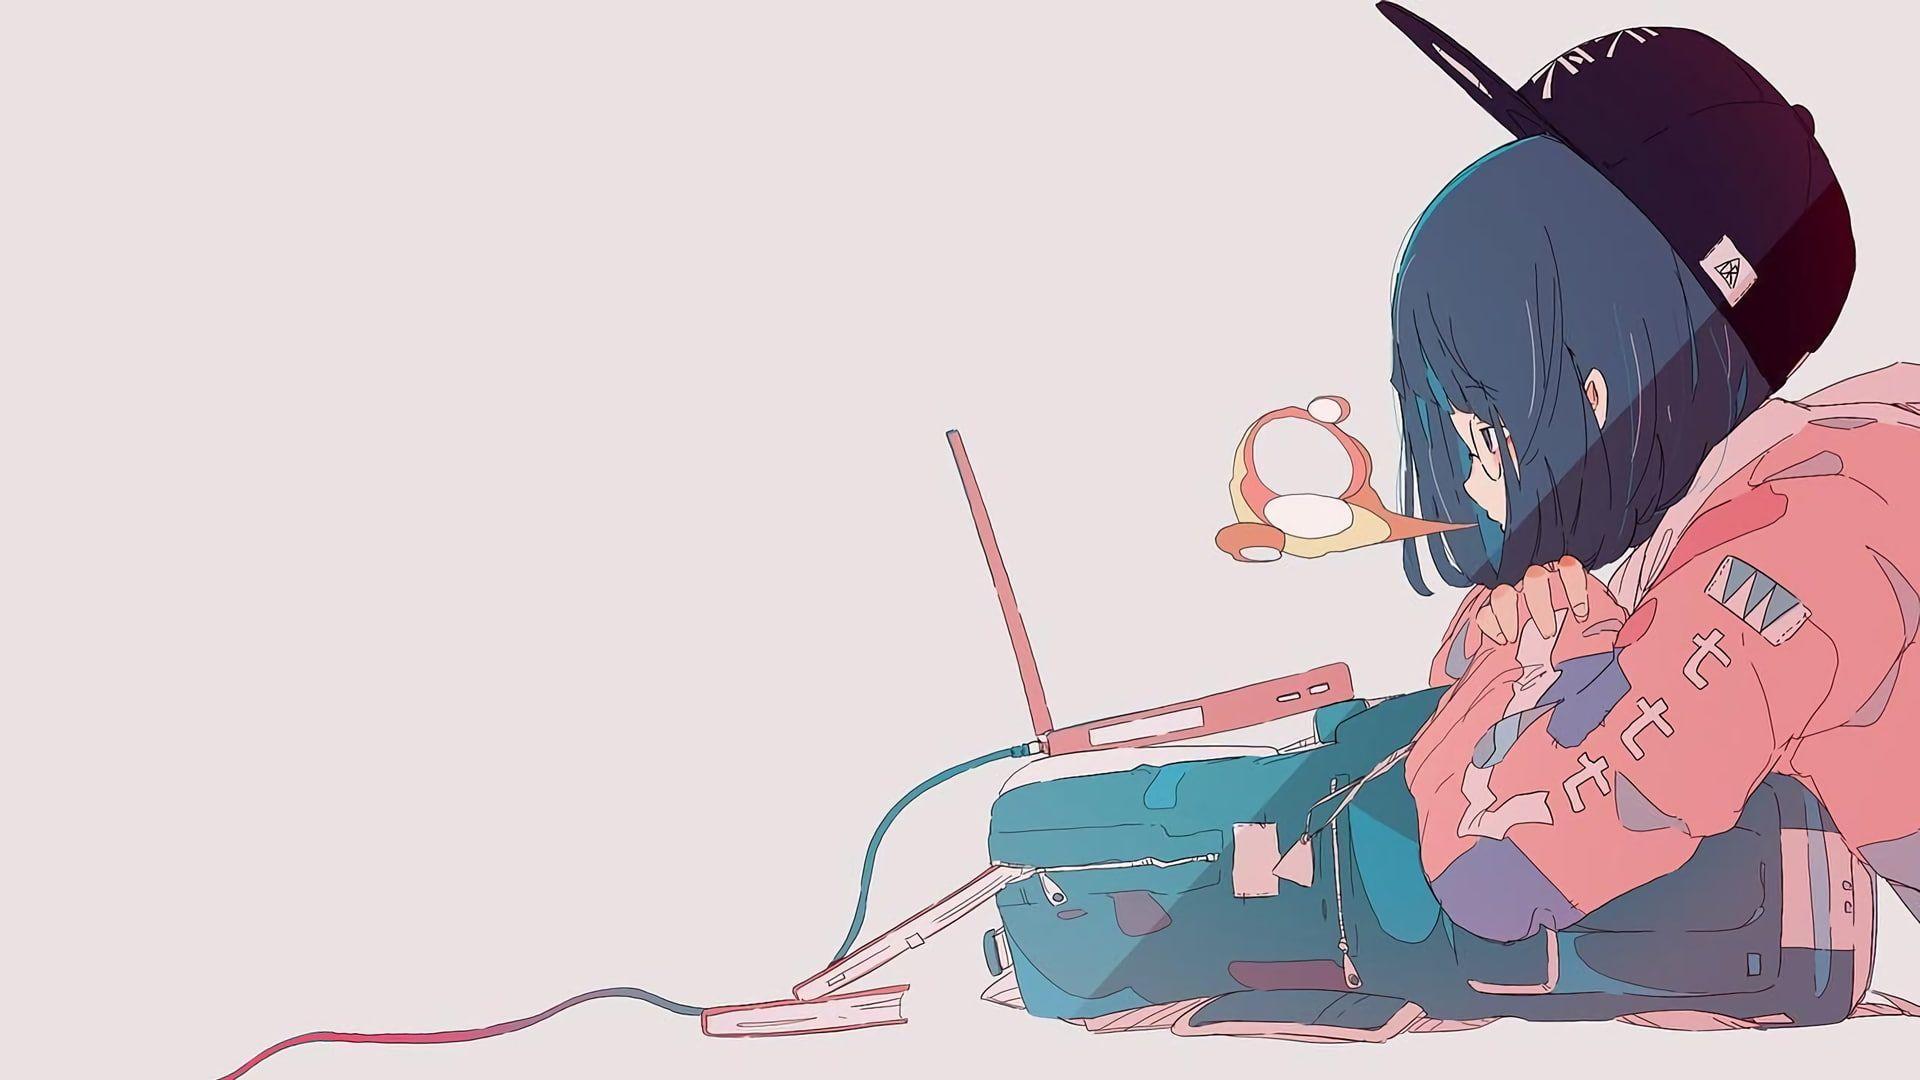 Dark Aesthetic Anime Aesthetic Wallpaper Hd Pc